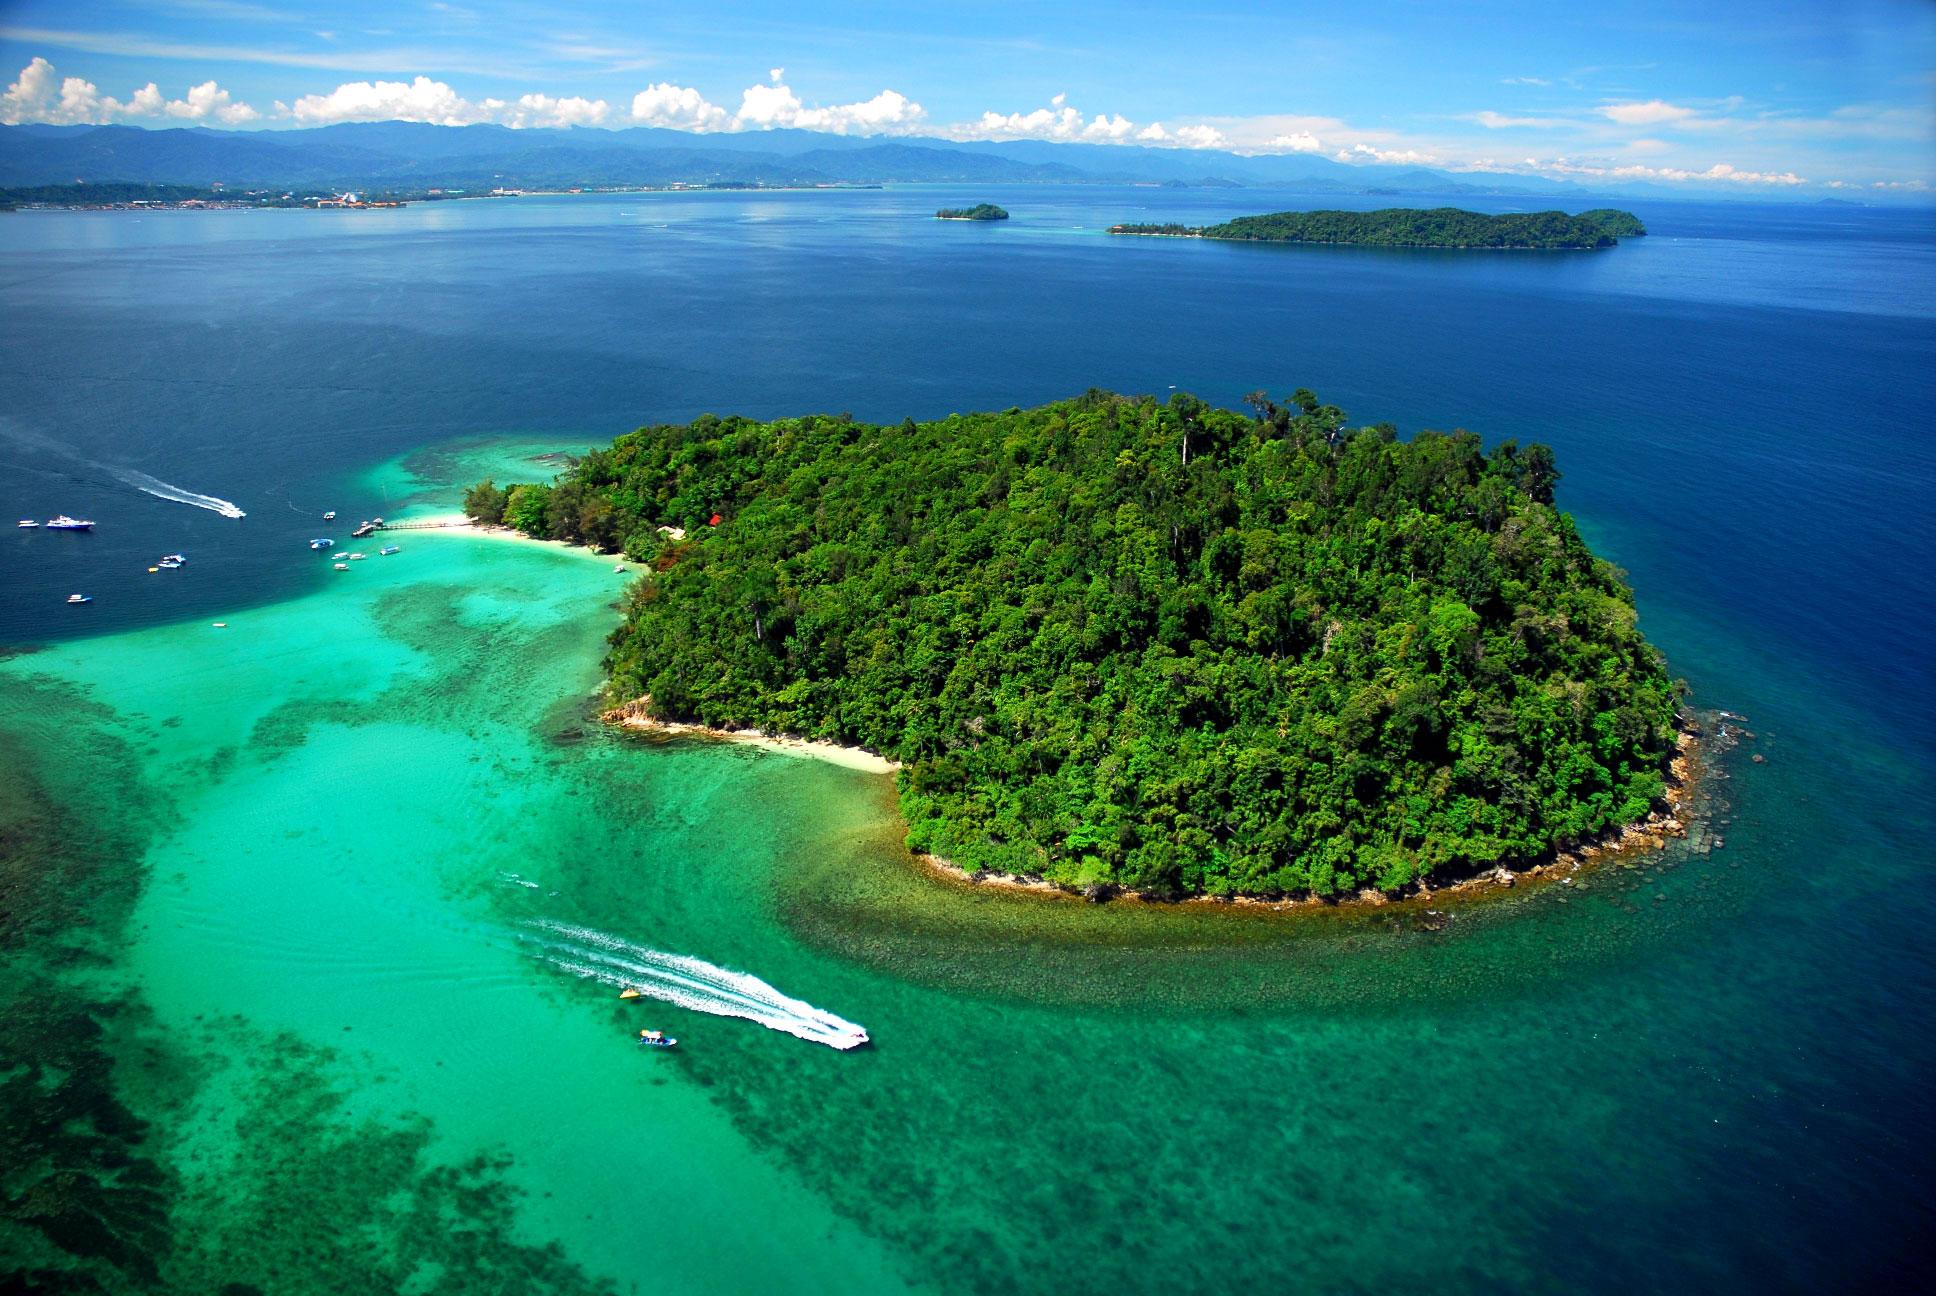 بالصور جزيرة صباح ماليزيا , واحدة من اجمل جزر ماليزيا 15111